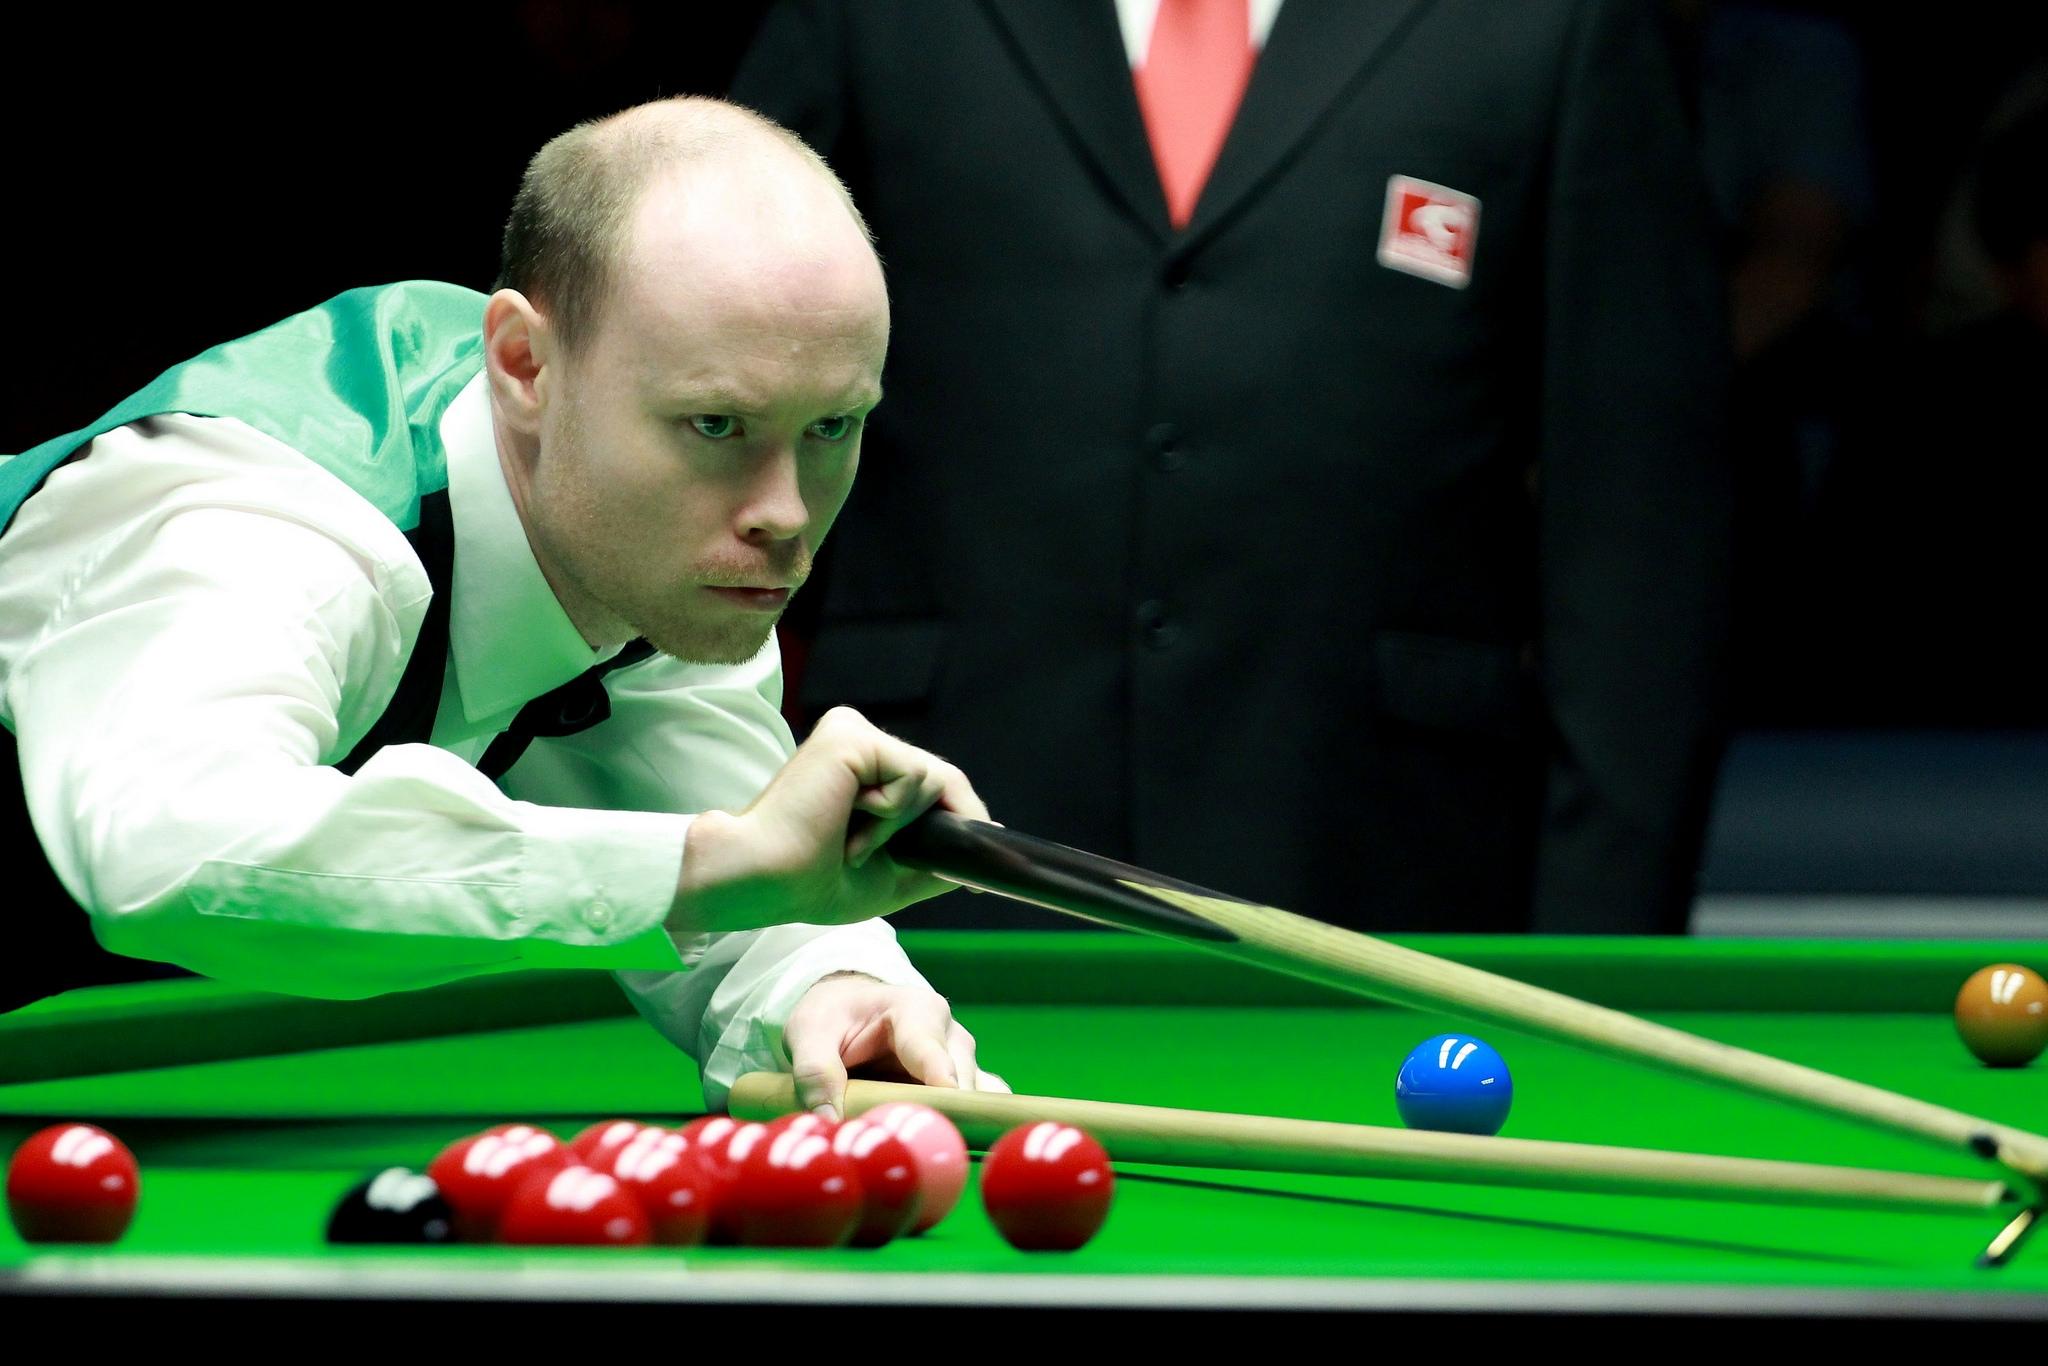 GARY WILSON - Joueur professionnel de Snooker en 2004 à l'âge de 19 ans. Il a conservé ce titre pendant deux ans mais est retombé amateur par la suite. Toutefois, c'est depuis 2013 que l'on souligne son parcours professionnel grandissant en se qualifiant pour la finale du China Open 2015, défaite 10-2 contre Mark Selby.Pour l'année 2017, Wilson se classe 32e au monde avec en poche 2 parties de 147 points, dont une lors des qualification au Championnat du Monde. Il a malheureusement succombé à son attaquant Ronnie O'Sullivanpar la marque de 10 à 7.